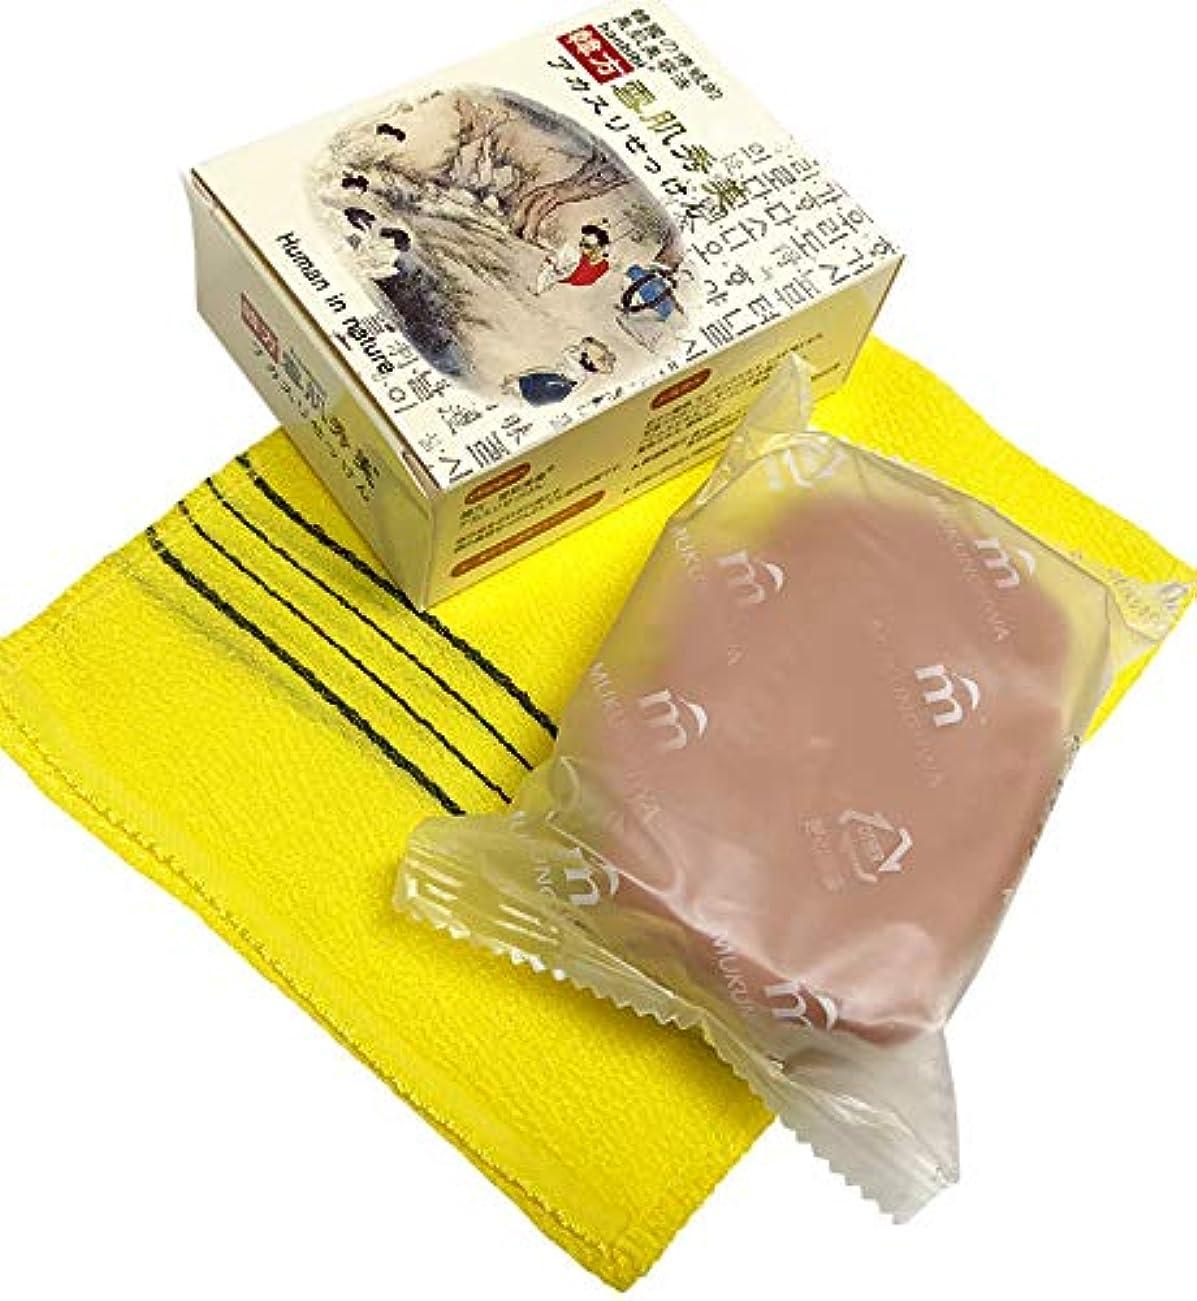 検出するジョセフバンクス唇顔、体兼用、蜂蜜香りの韓方石ケン、韓国コスメ 韓方[雪肌美]蜂蜜アカスリせっけん アカスリ専用タオル付き